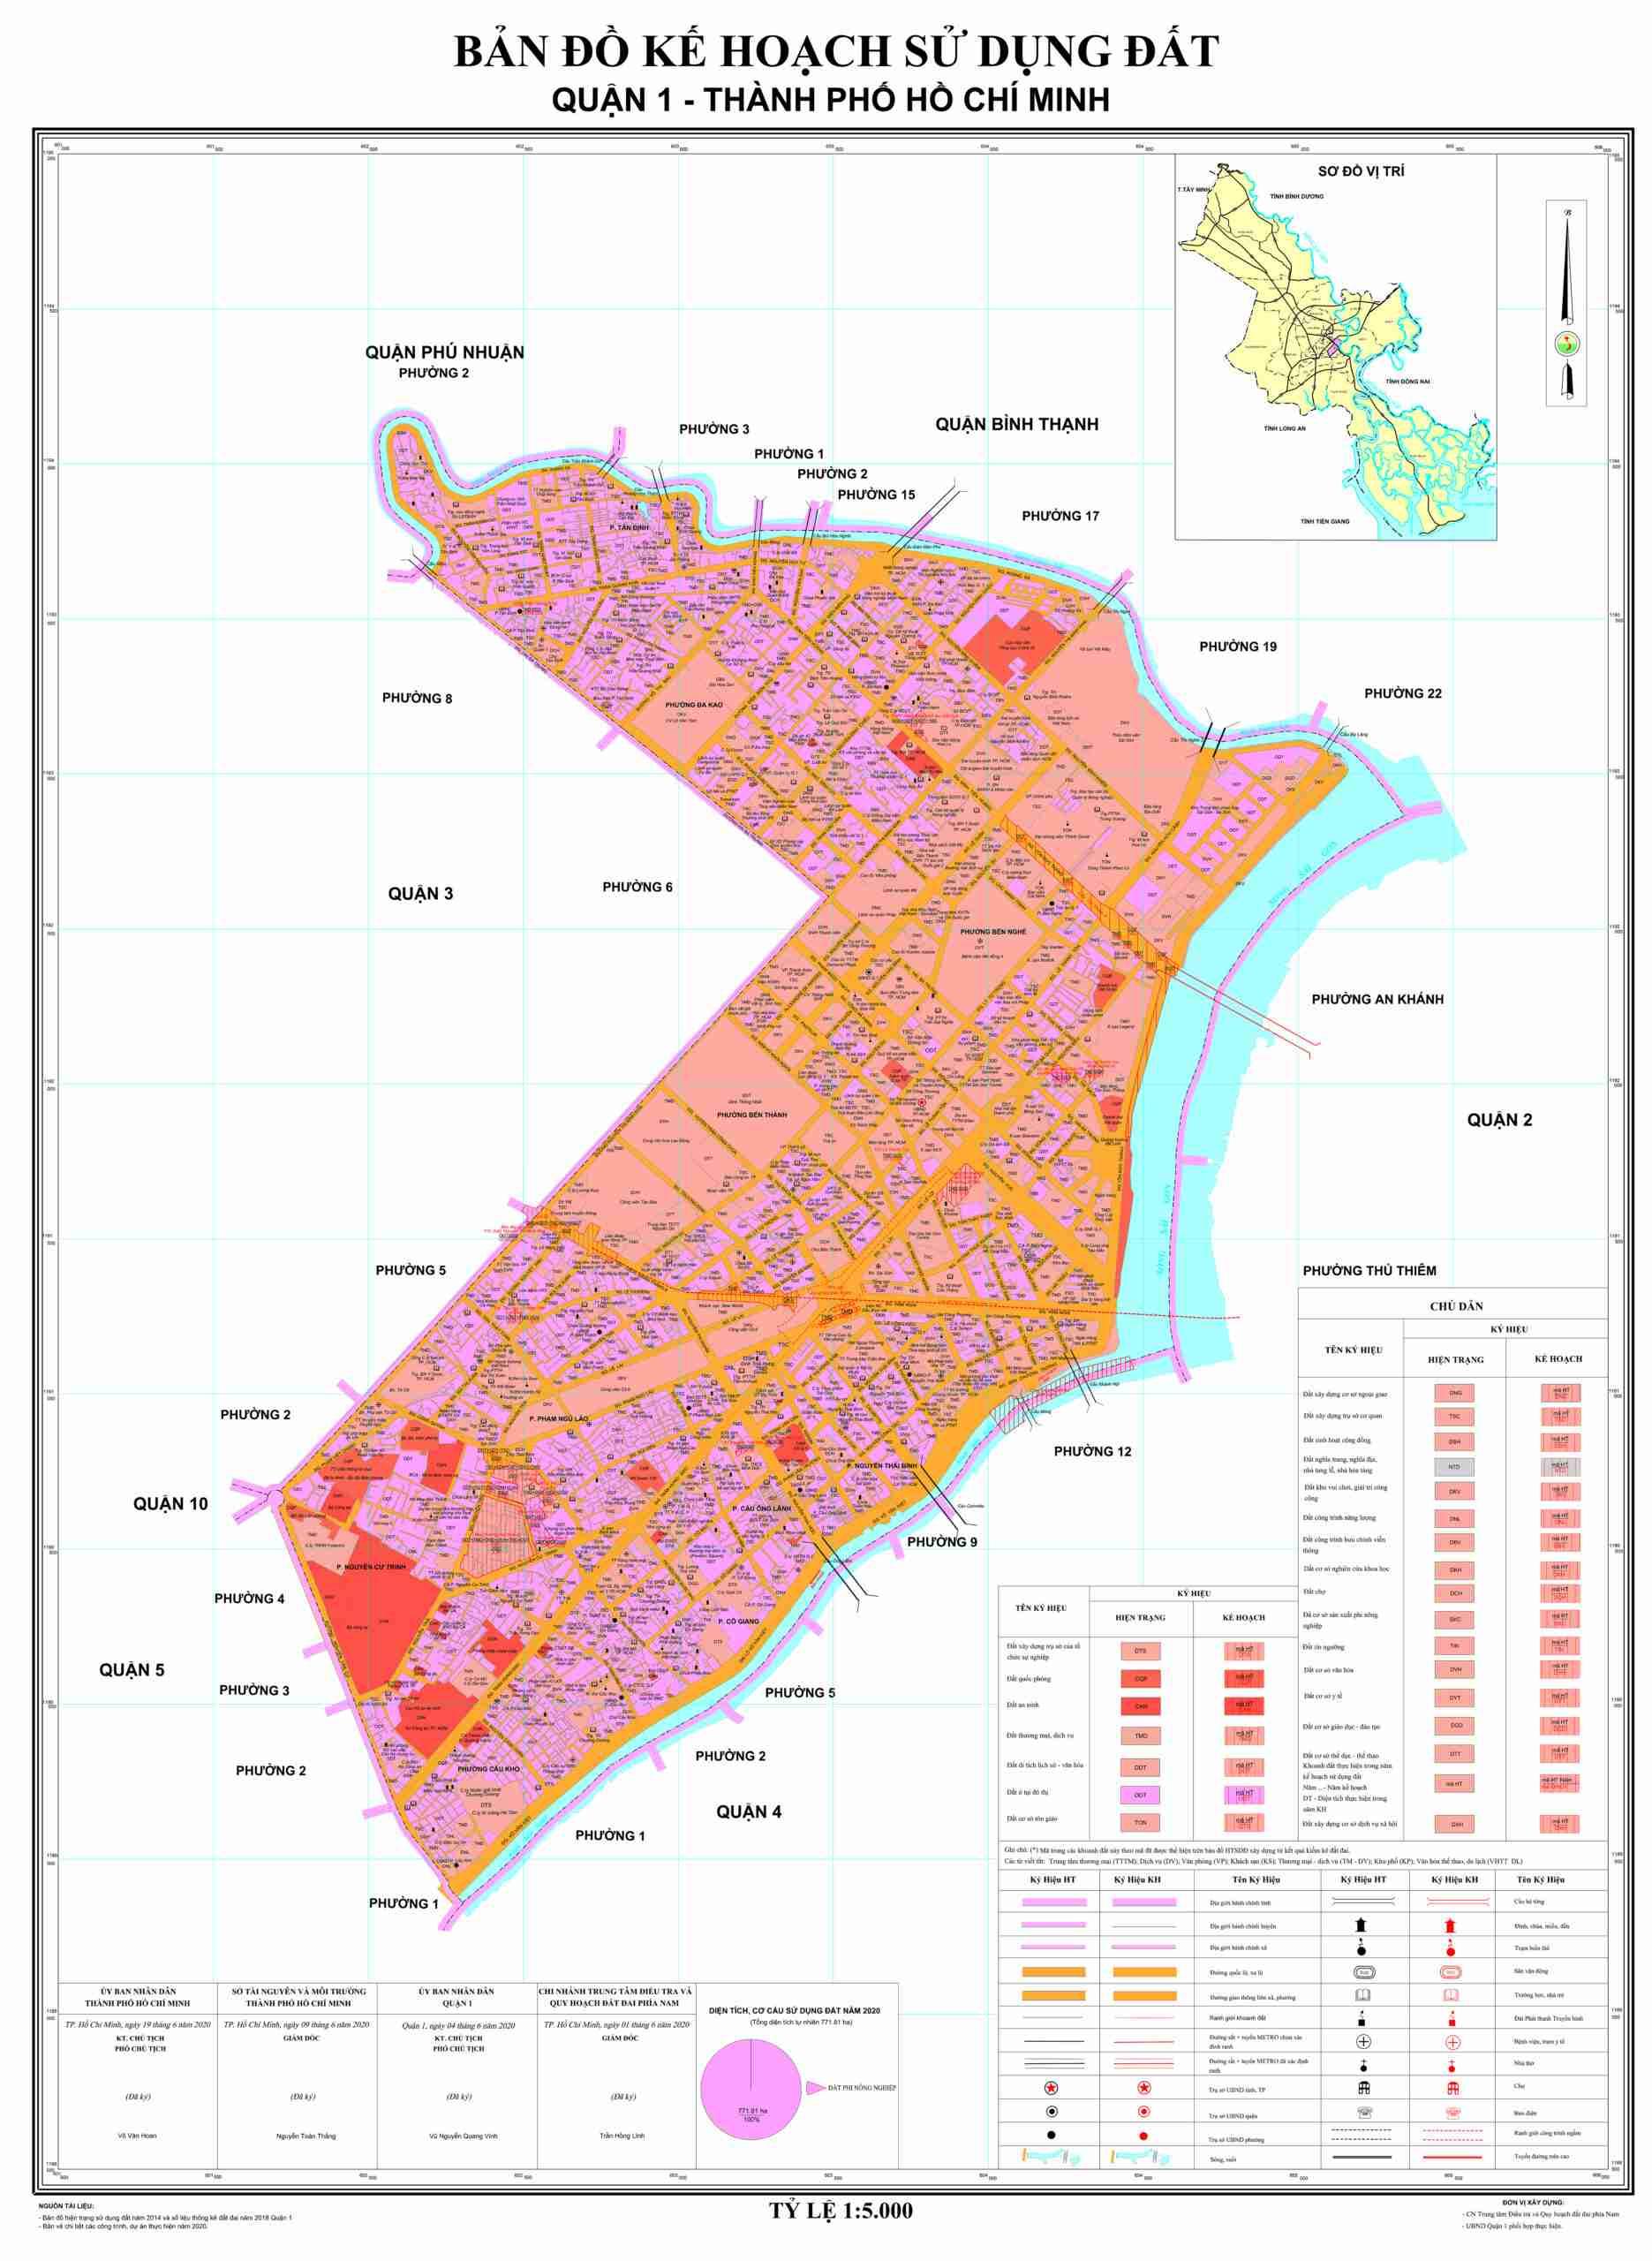 Thông tin quy hoạch quận 1 mới nhất 2021